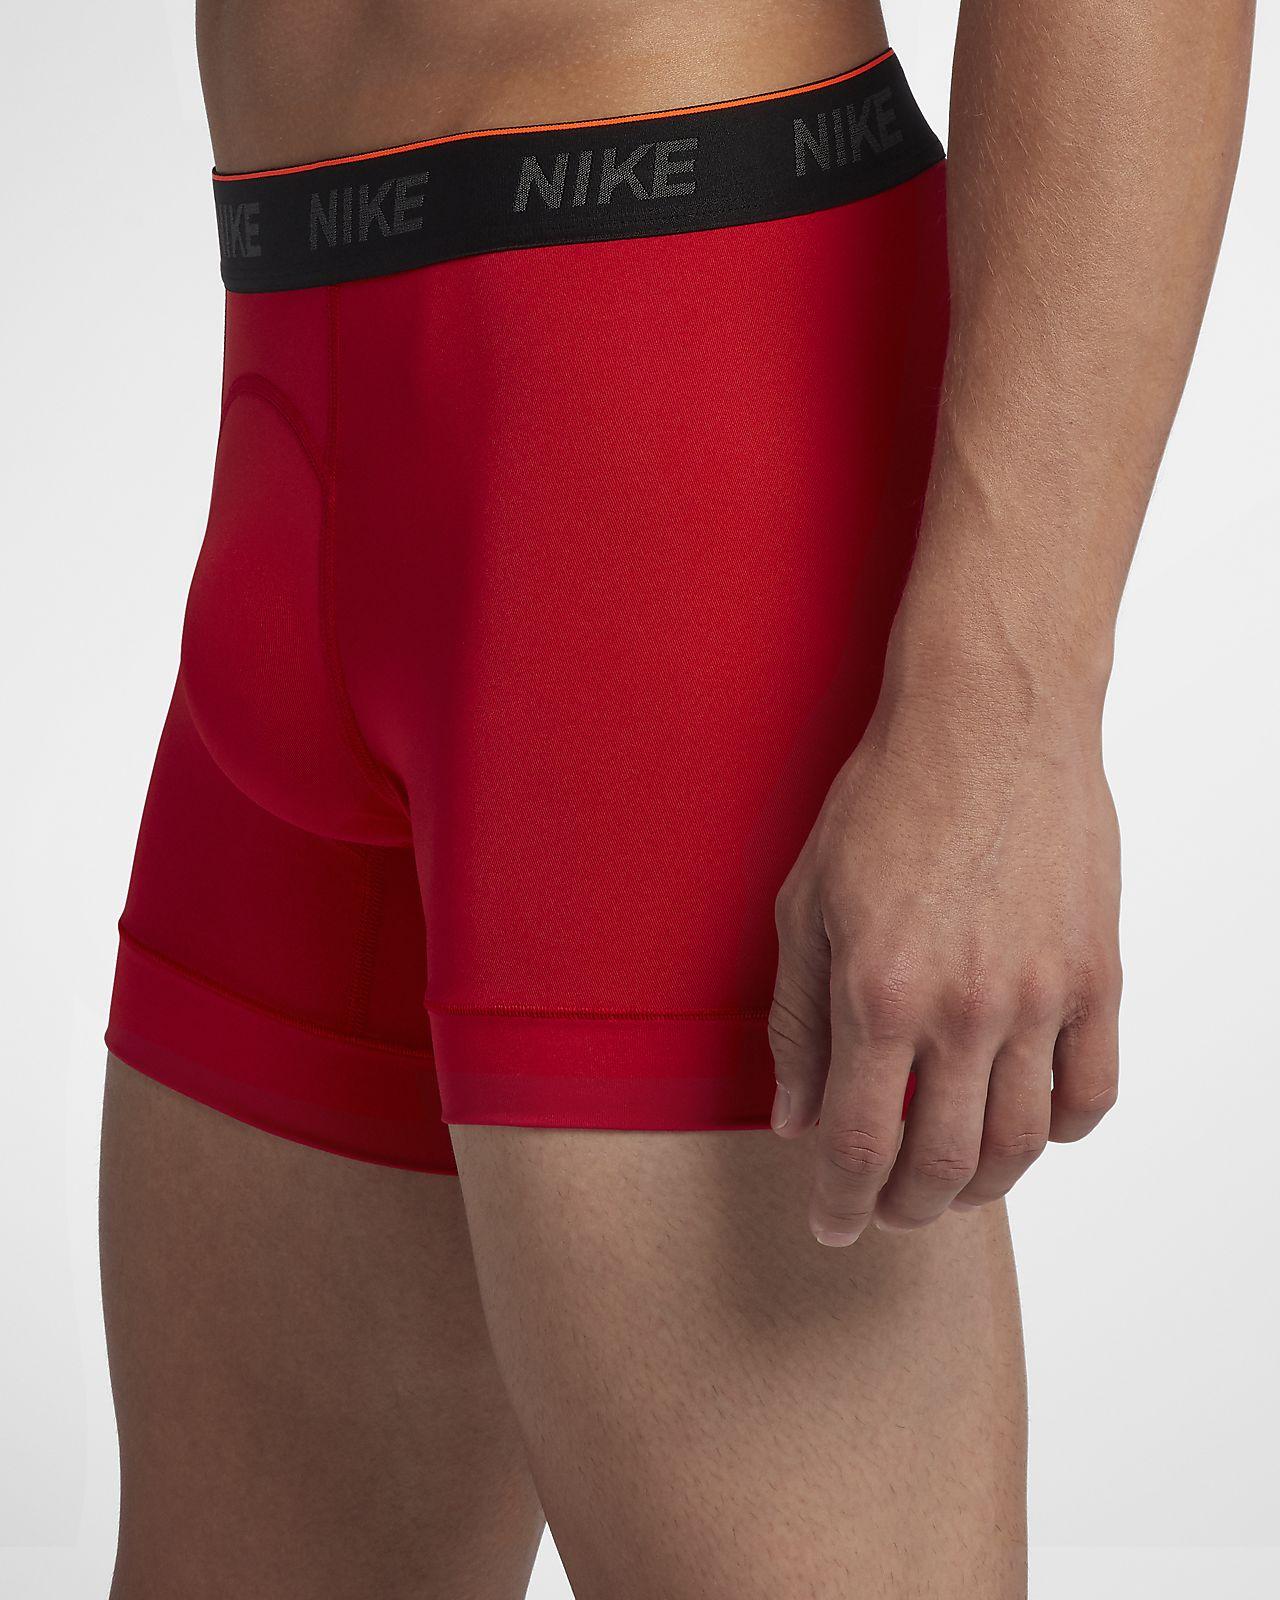 c92e0200fffc3f Nike Men s Underwear (2 Pairs). Nike.com